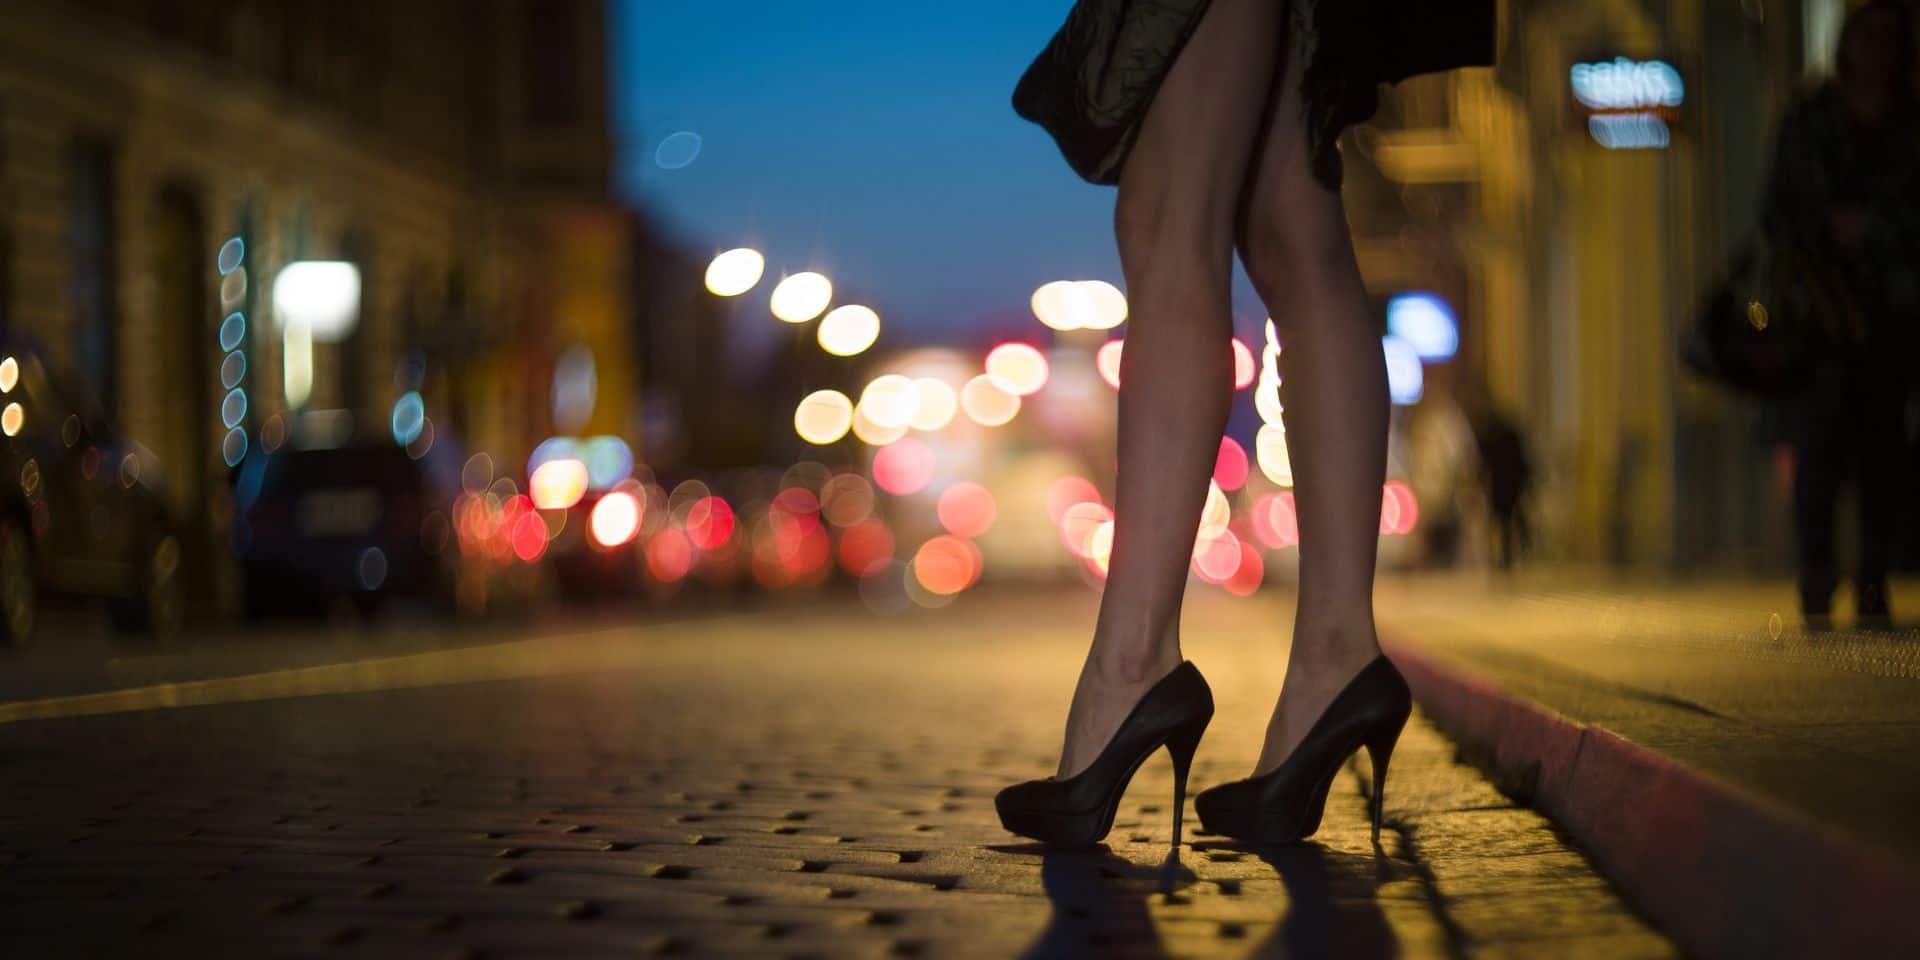 La Ville de Bruxelles interdit la prostitution pour contenir l'épidémie